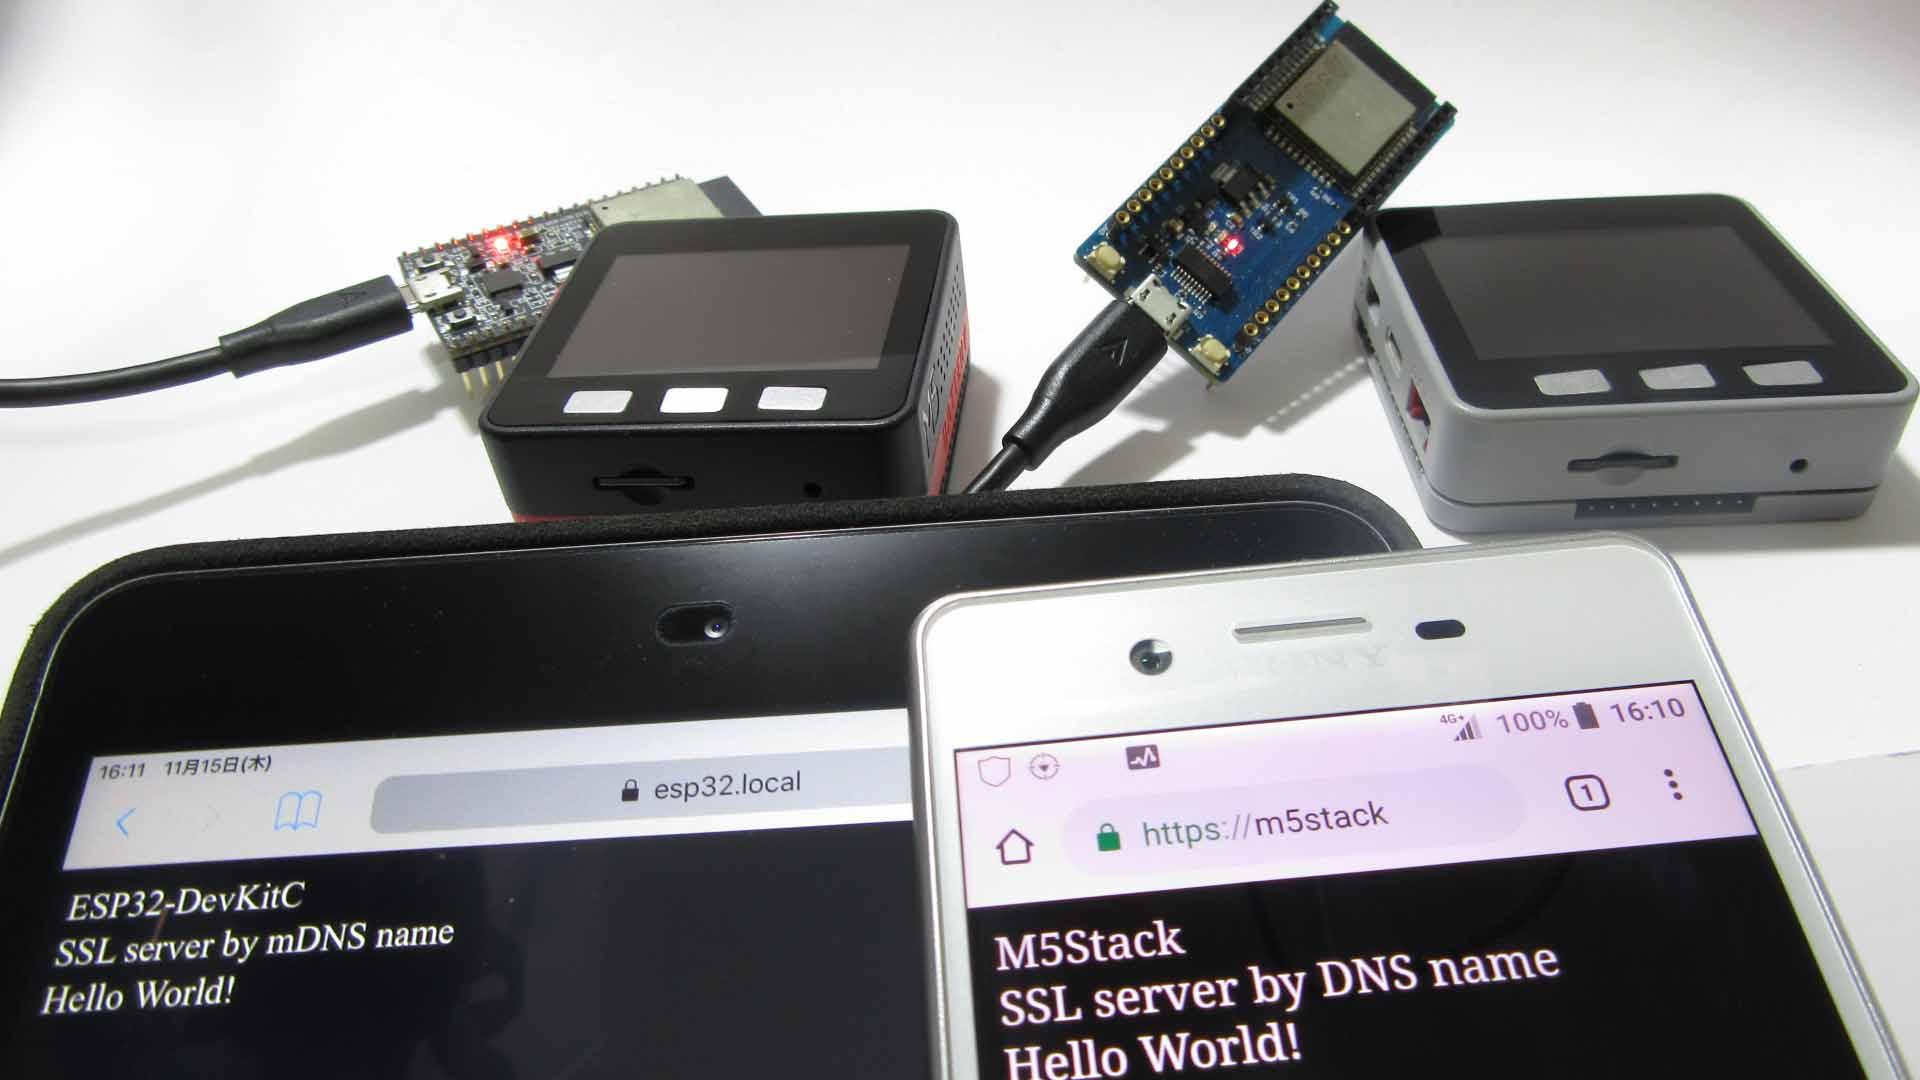 ESP32 および M5Stack で DNS および mDNS の SSL server を作ってみた